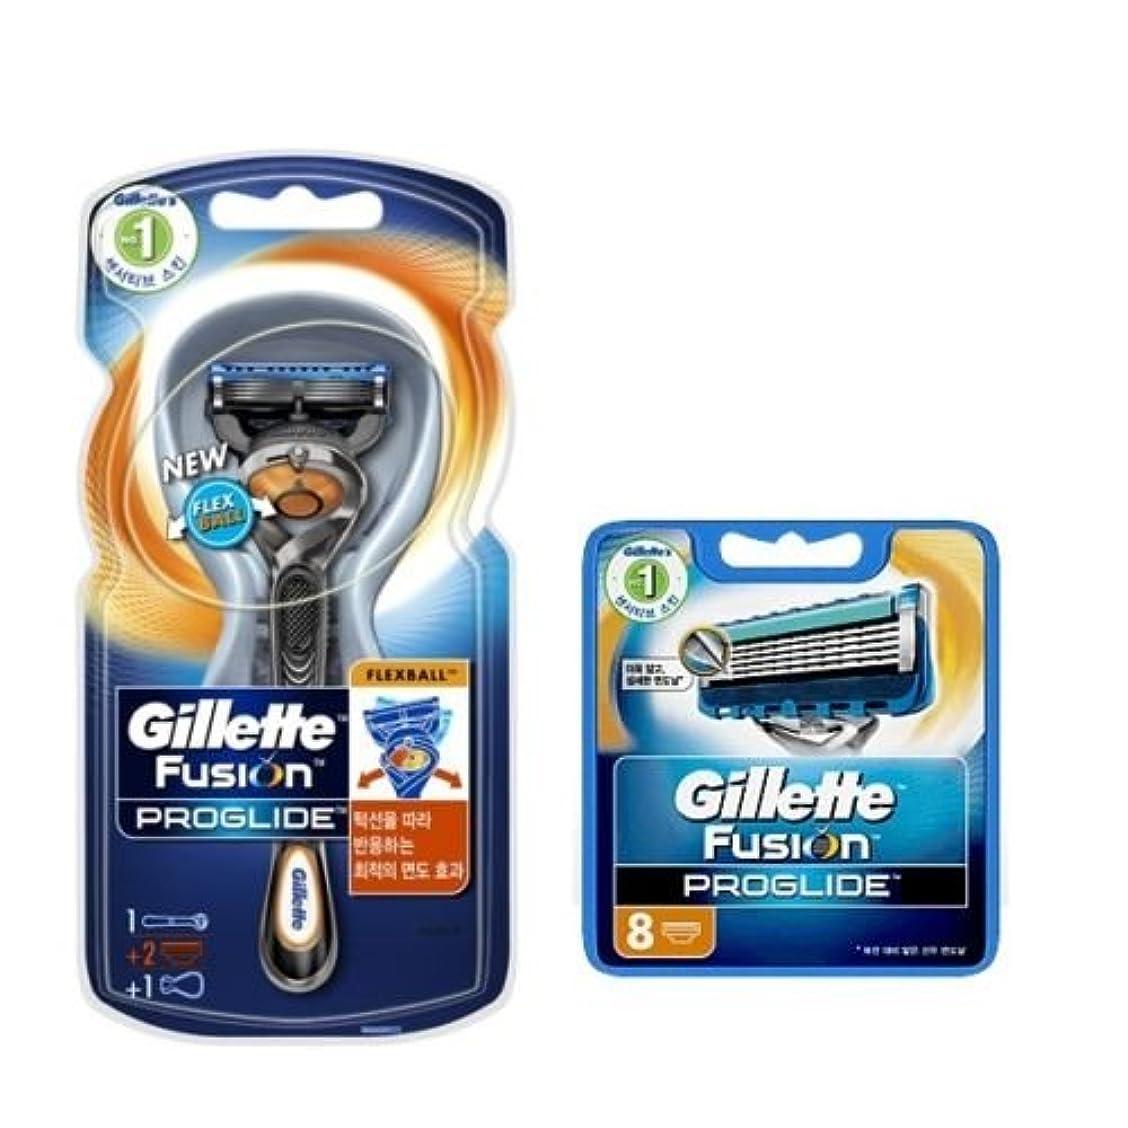 ワーディアンケースアルプス間違っているGillette Fusion Proglide Flexball Manual メンズ1剃刀10剃刀刃 [並行輸入品]